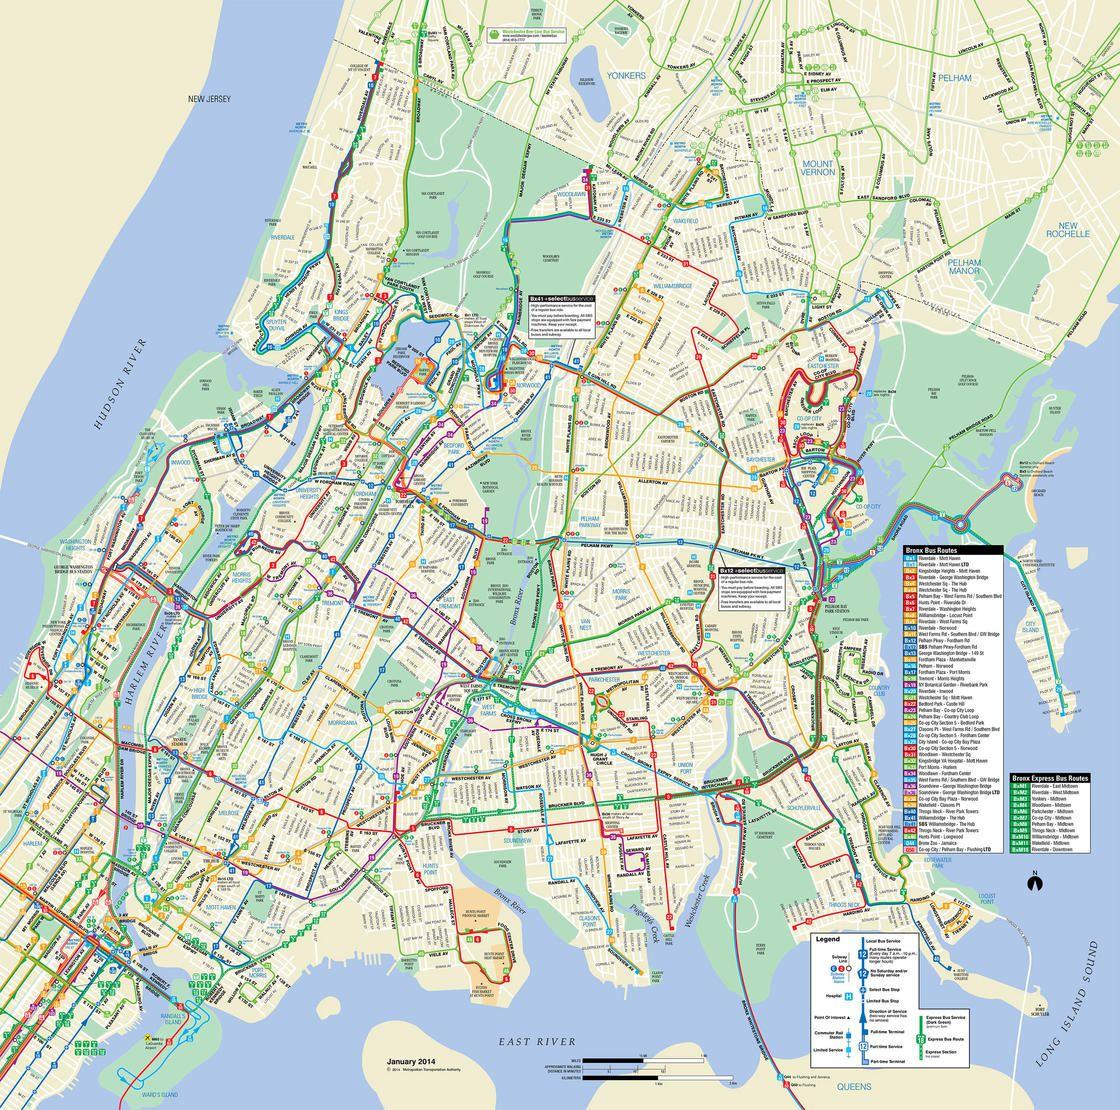 Plan du bus dans le Bronx